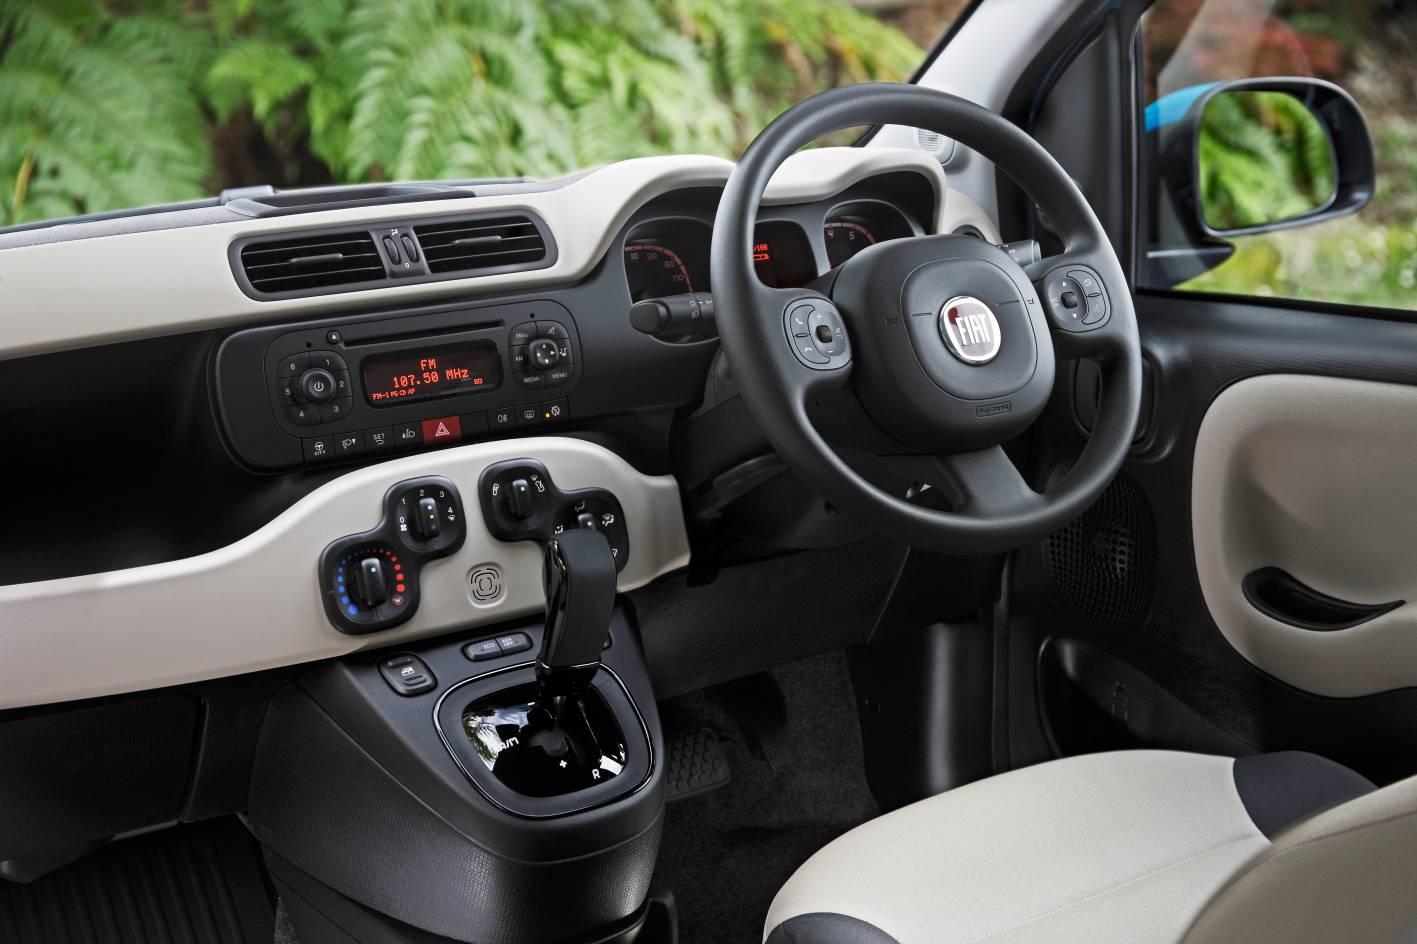 Fiat Panda Review 2014 Panda Easy And Trekking